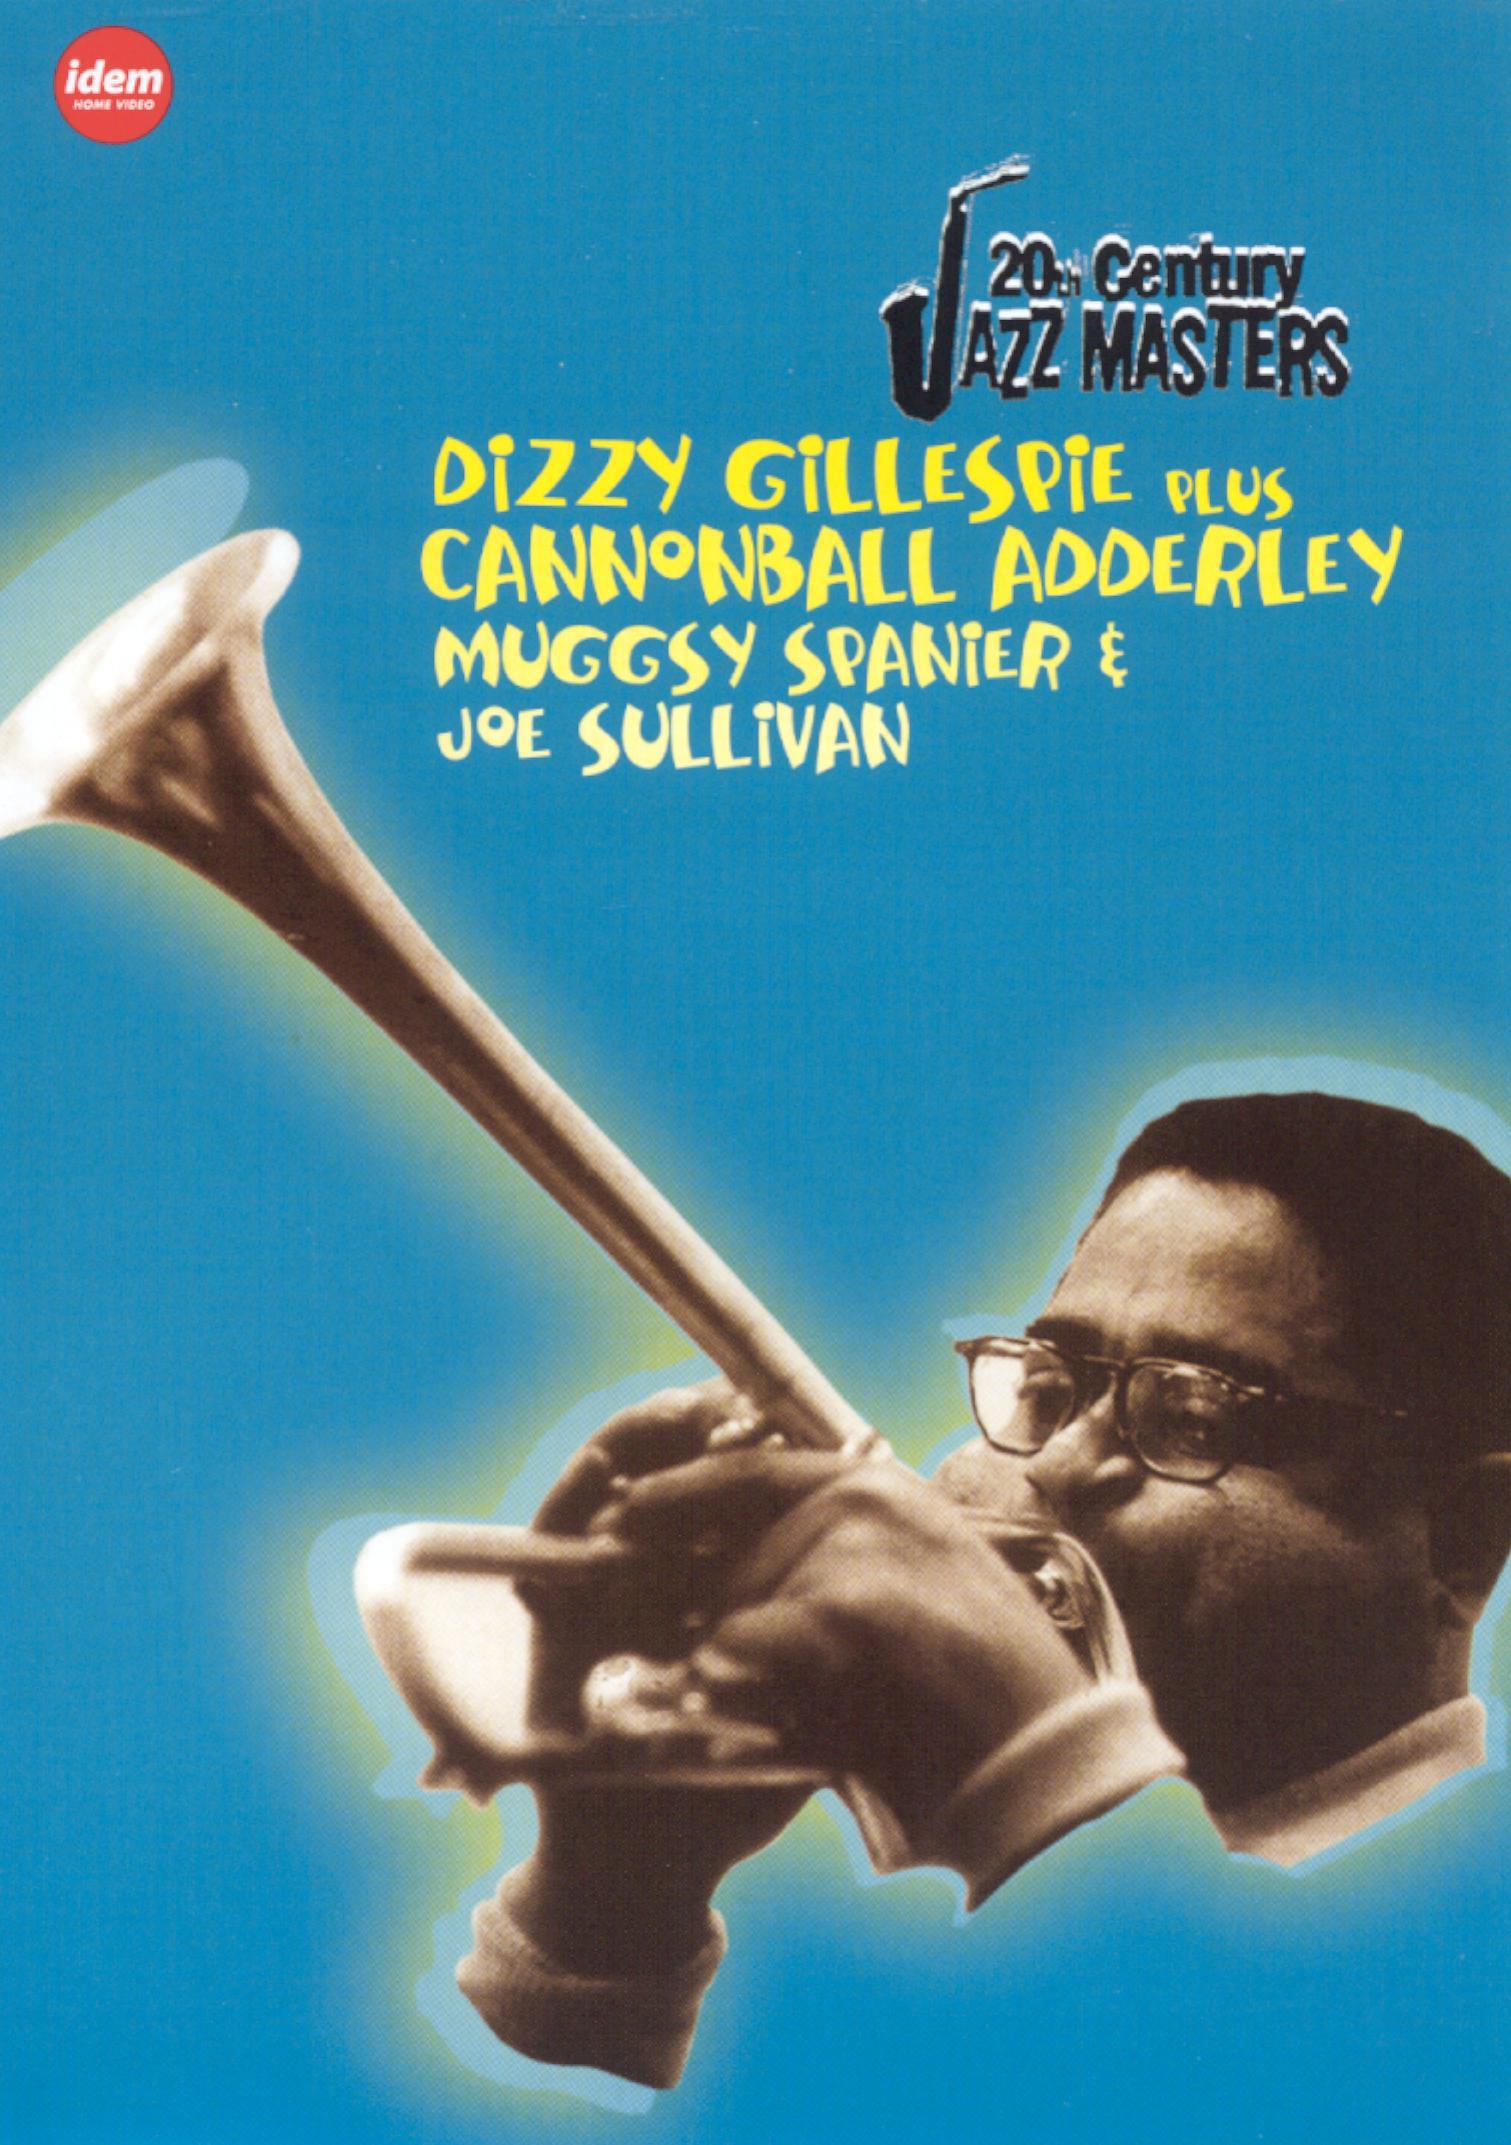 20th Century Jazz Masters: Dizzy Gillespie/Cannonball Adderley